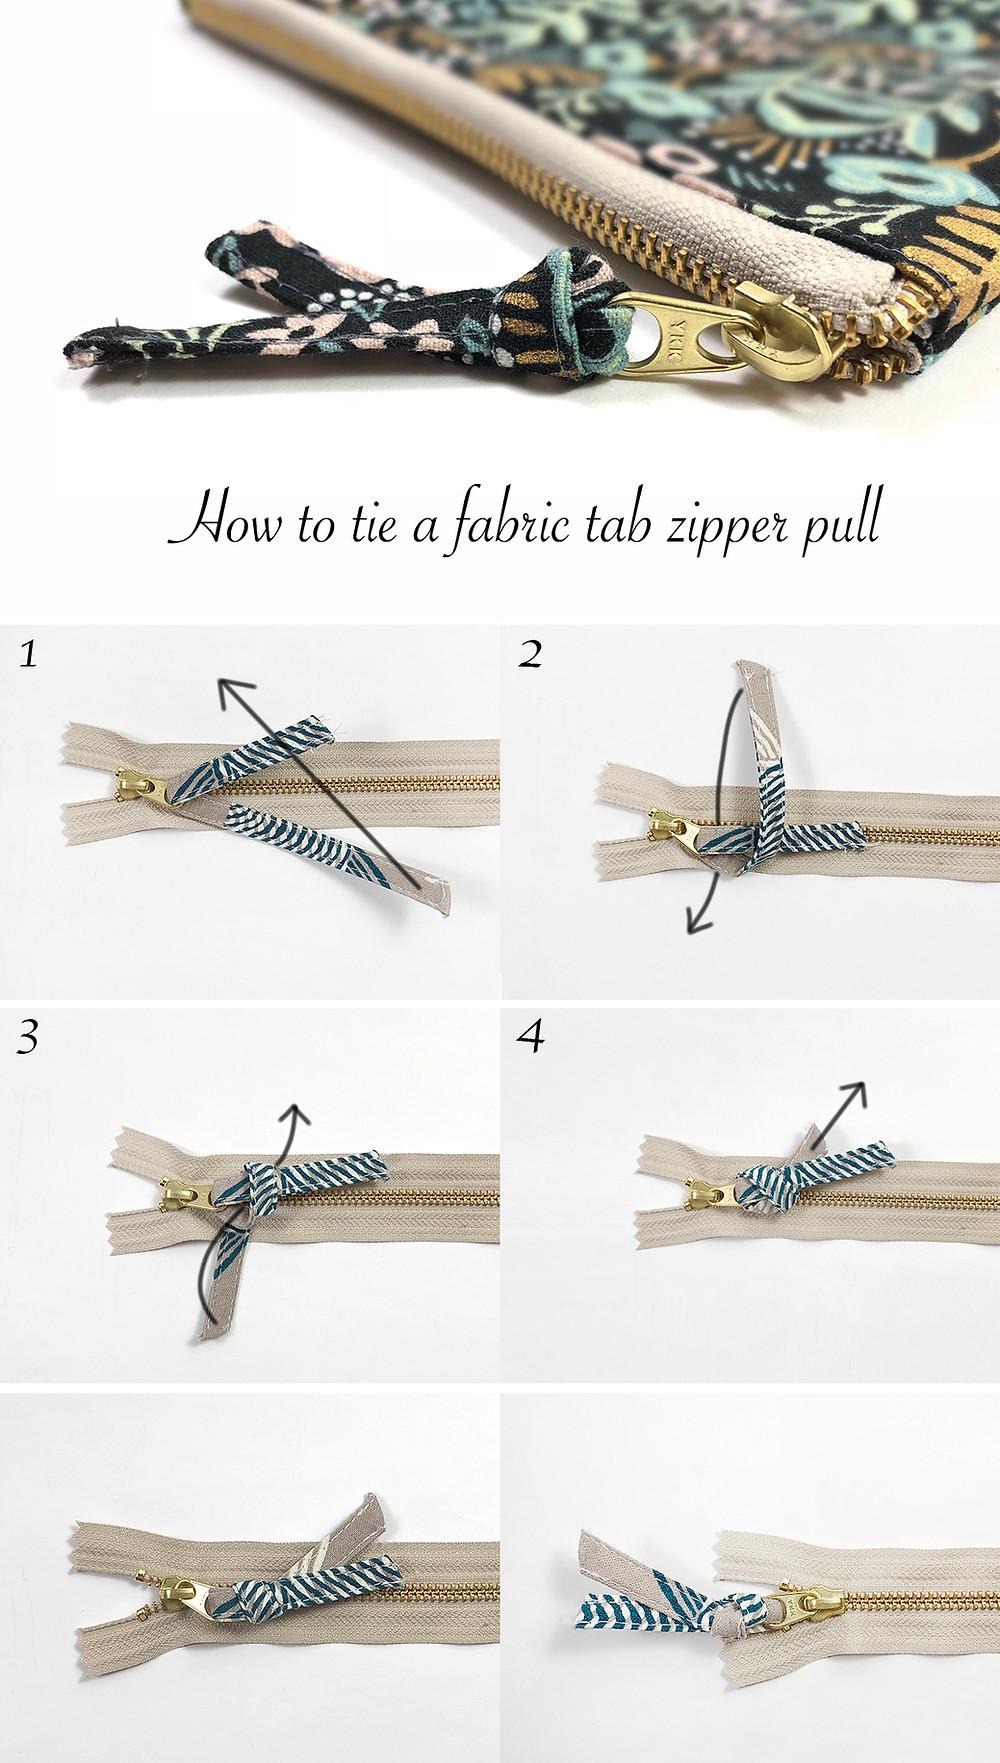 fabric tab zipper pull